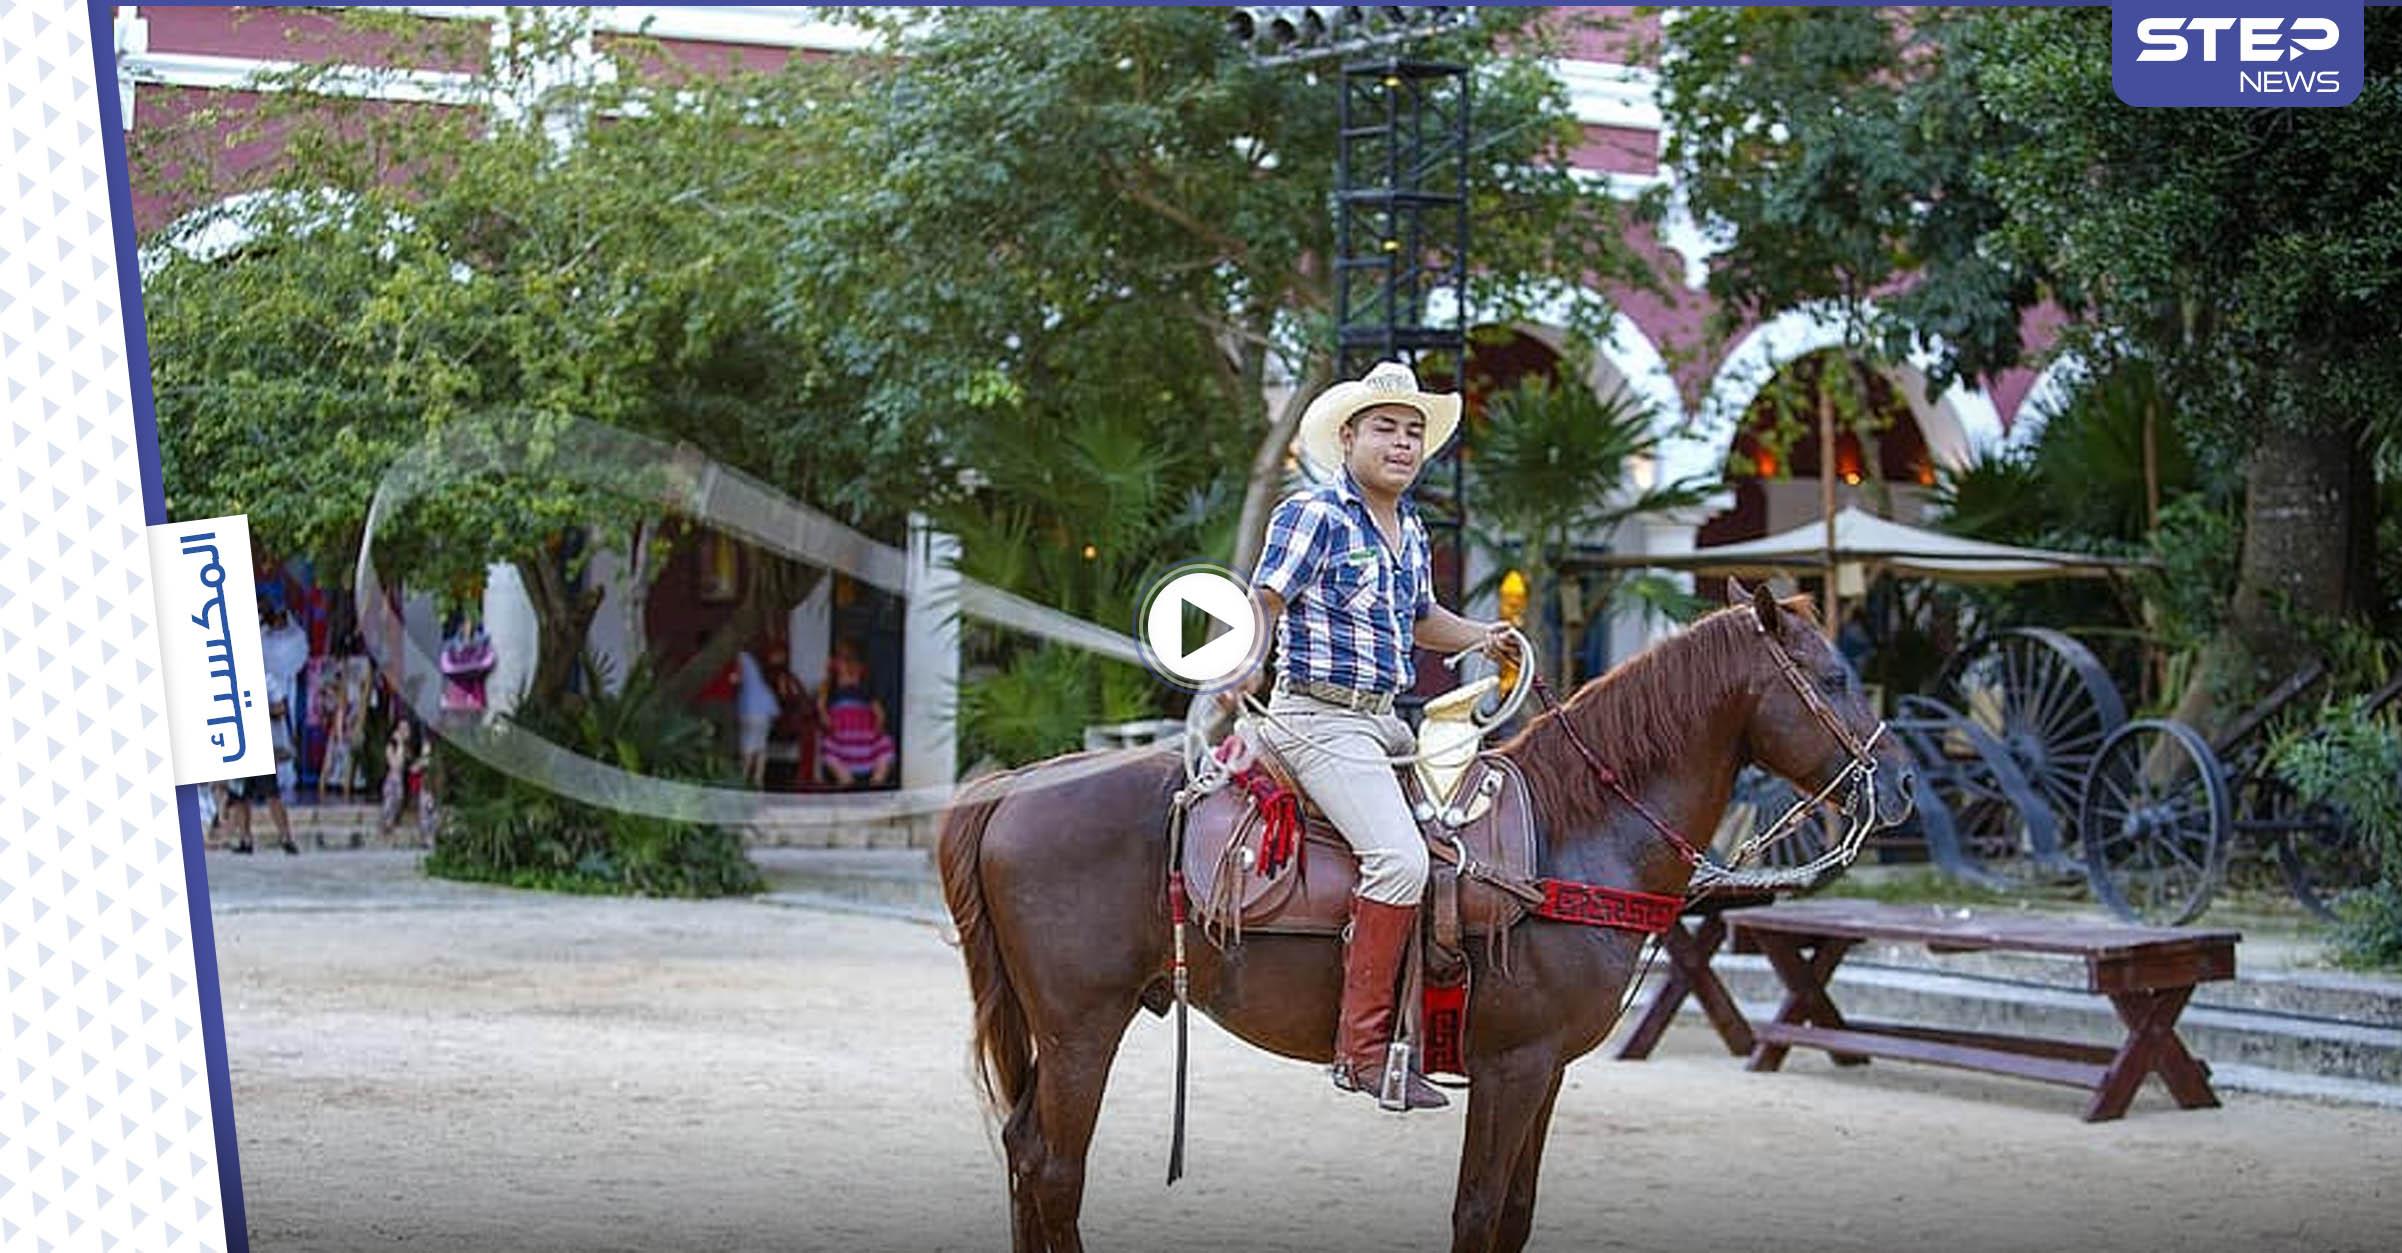 حادثة مرعبة في مسابقة رعاة البقر بالمكسيك